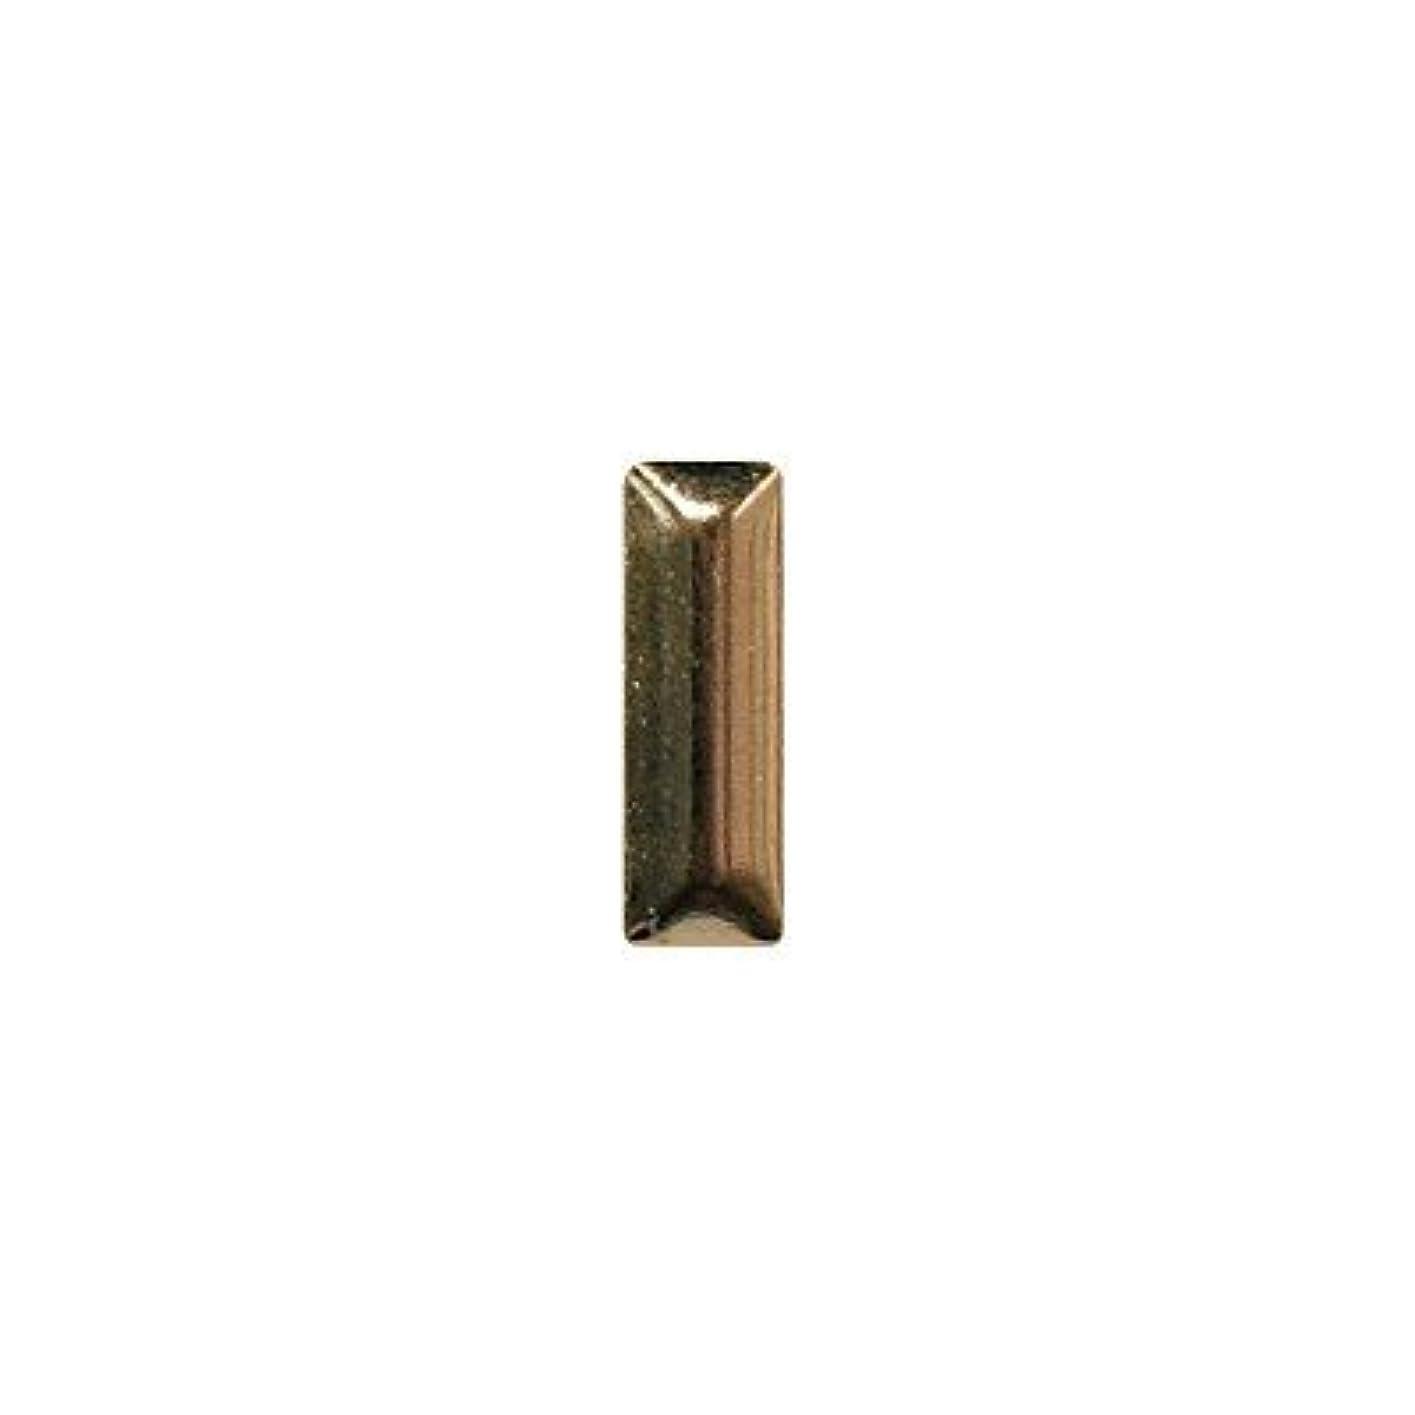 ミュートリング印象ピアドラ スタッズ メタル長方形 2×6mm 50P ゴールド